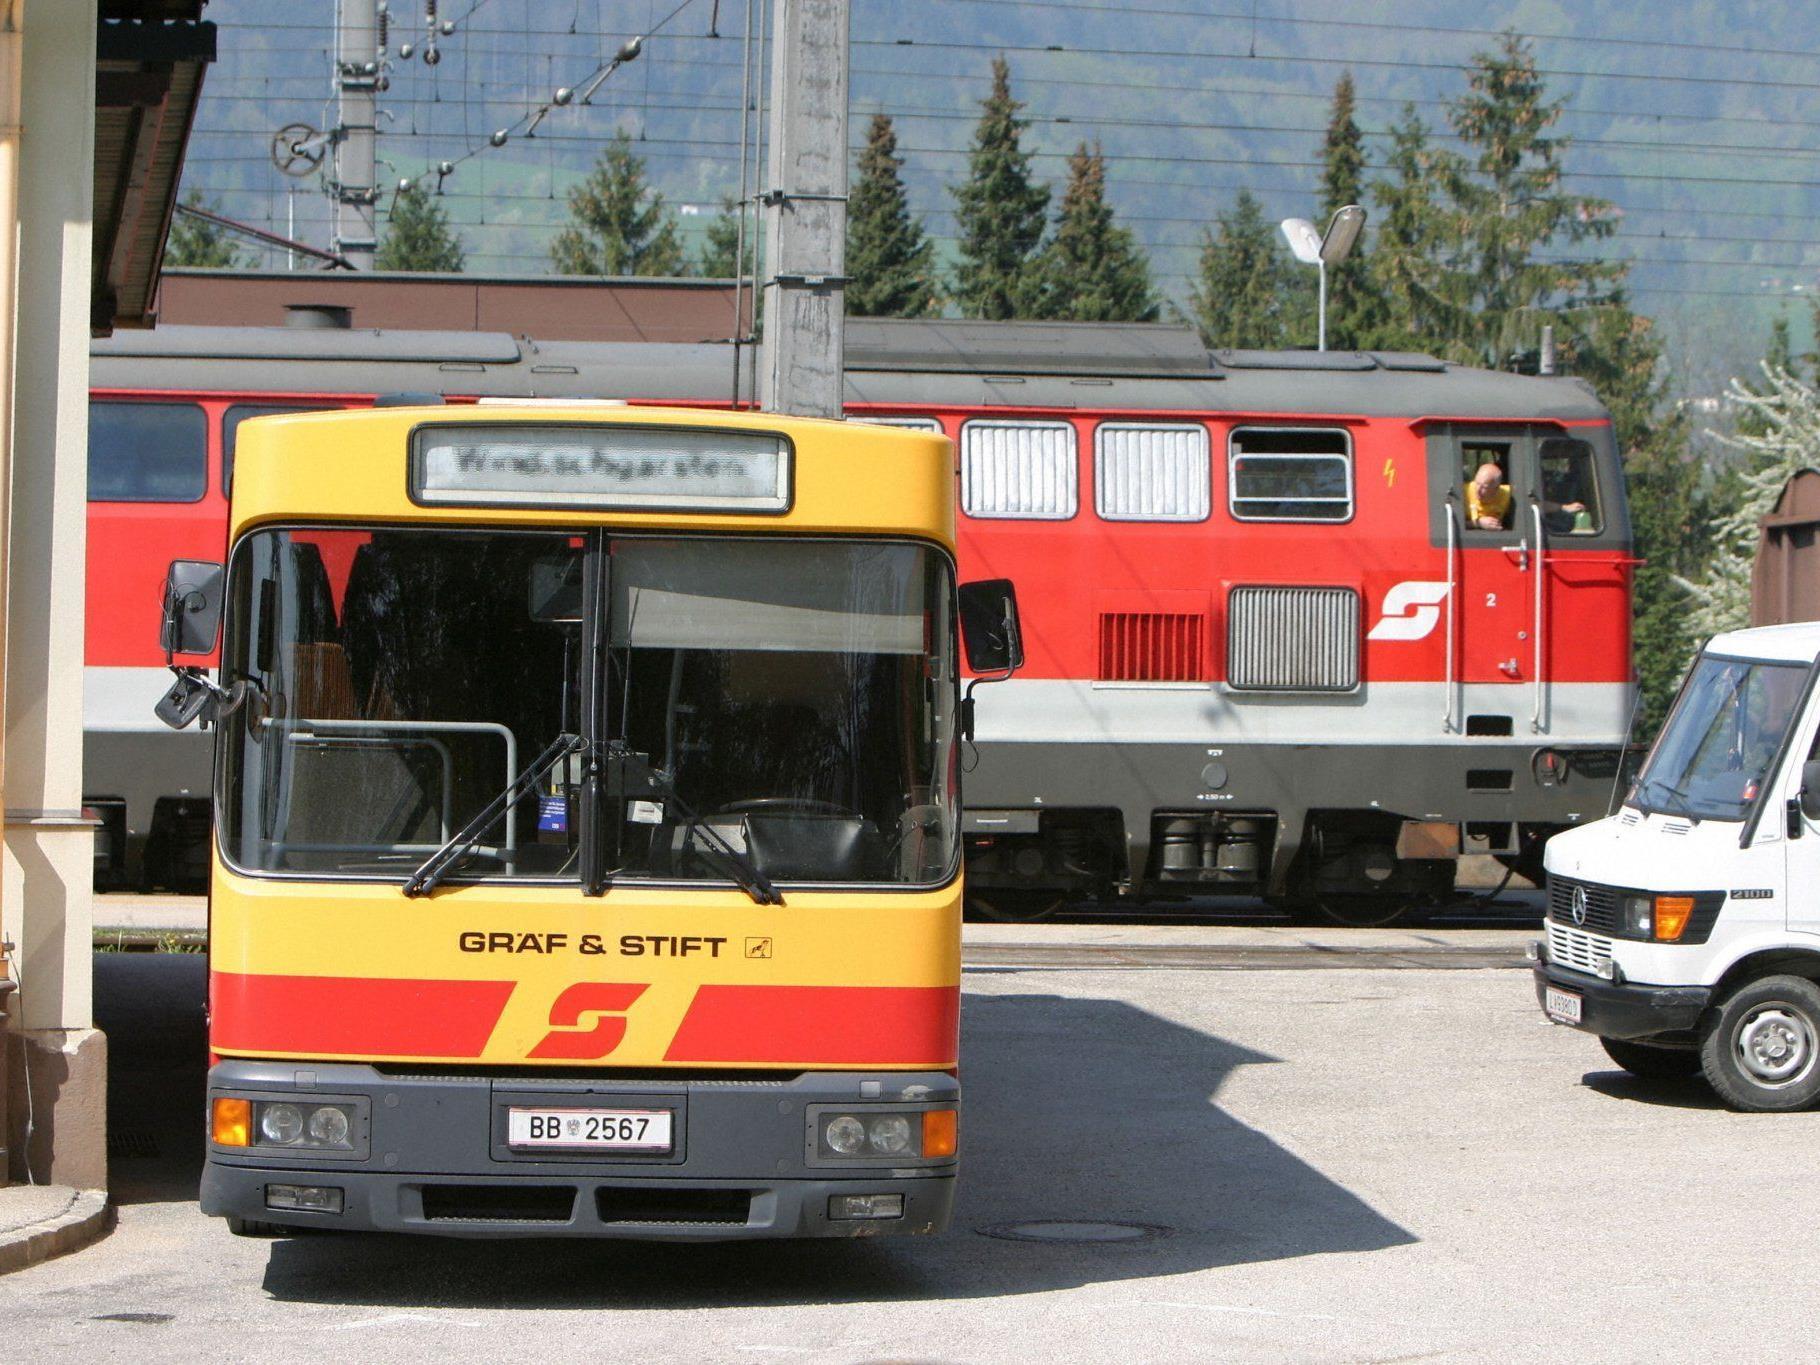 Bus, Bahn, Schnellbahn und Wiener Öffis sollen alle billiger werden.